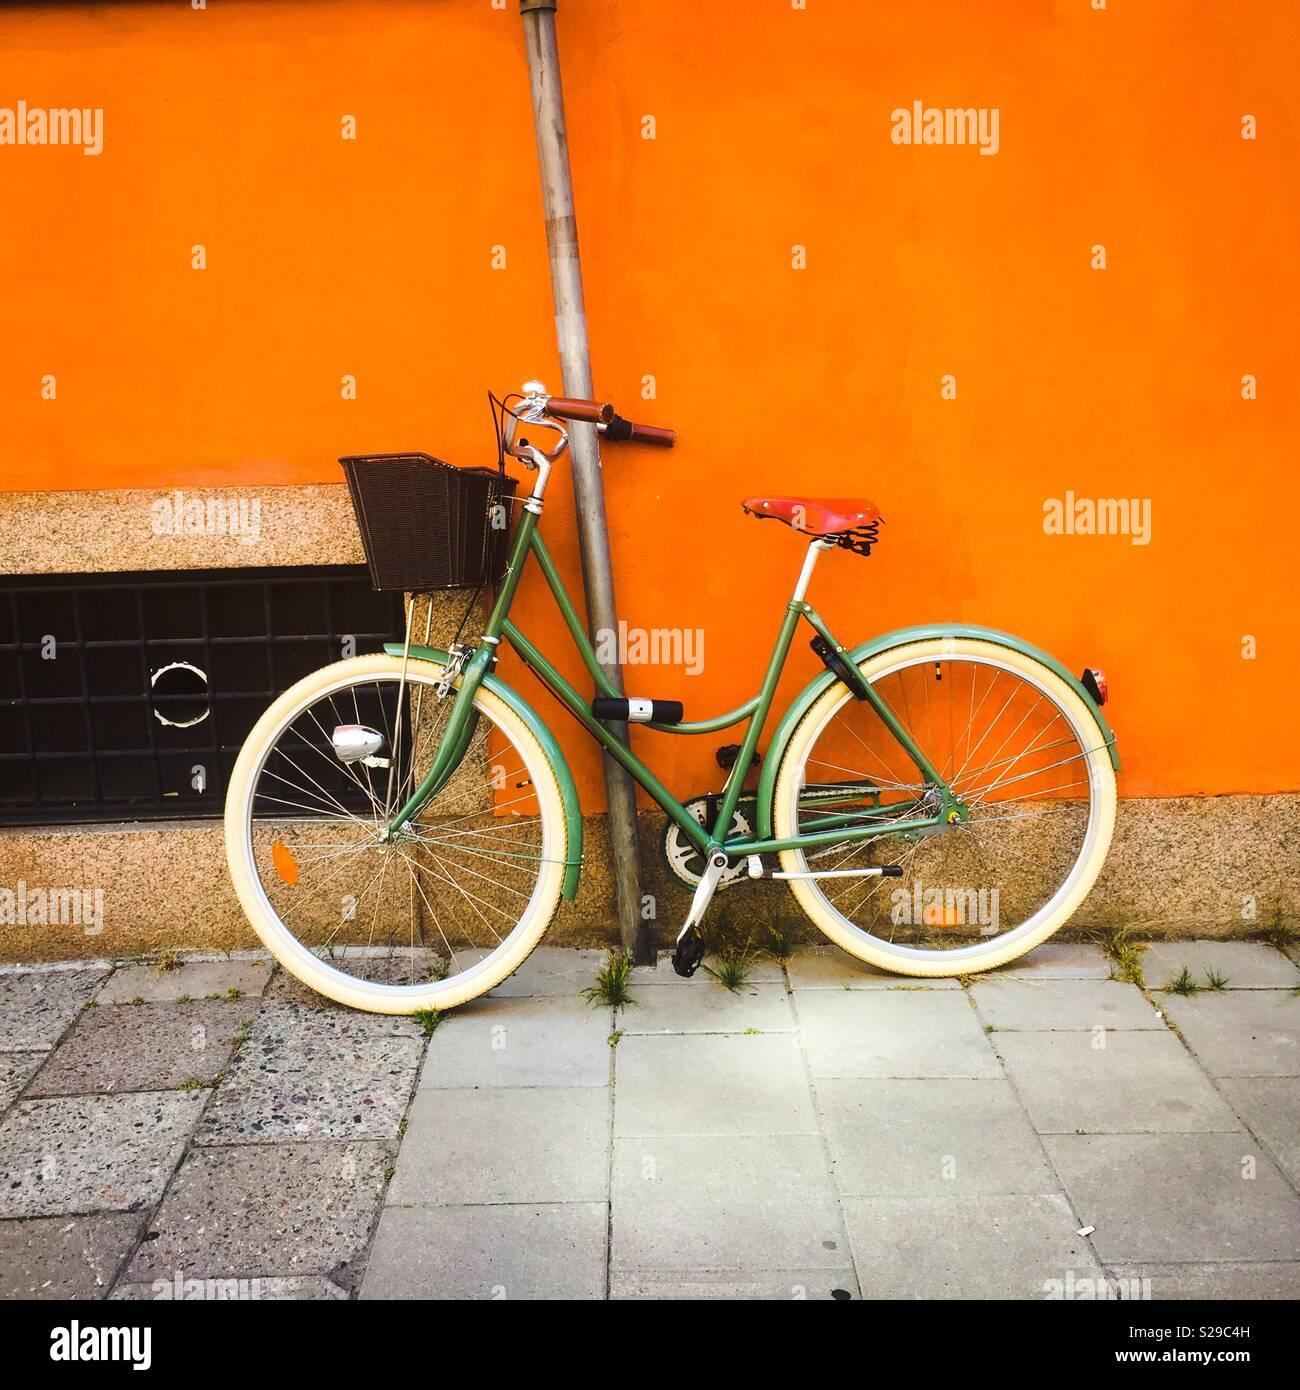 Bicicletta verde appoggiata contro la parete arancione Immagini Stock